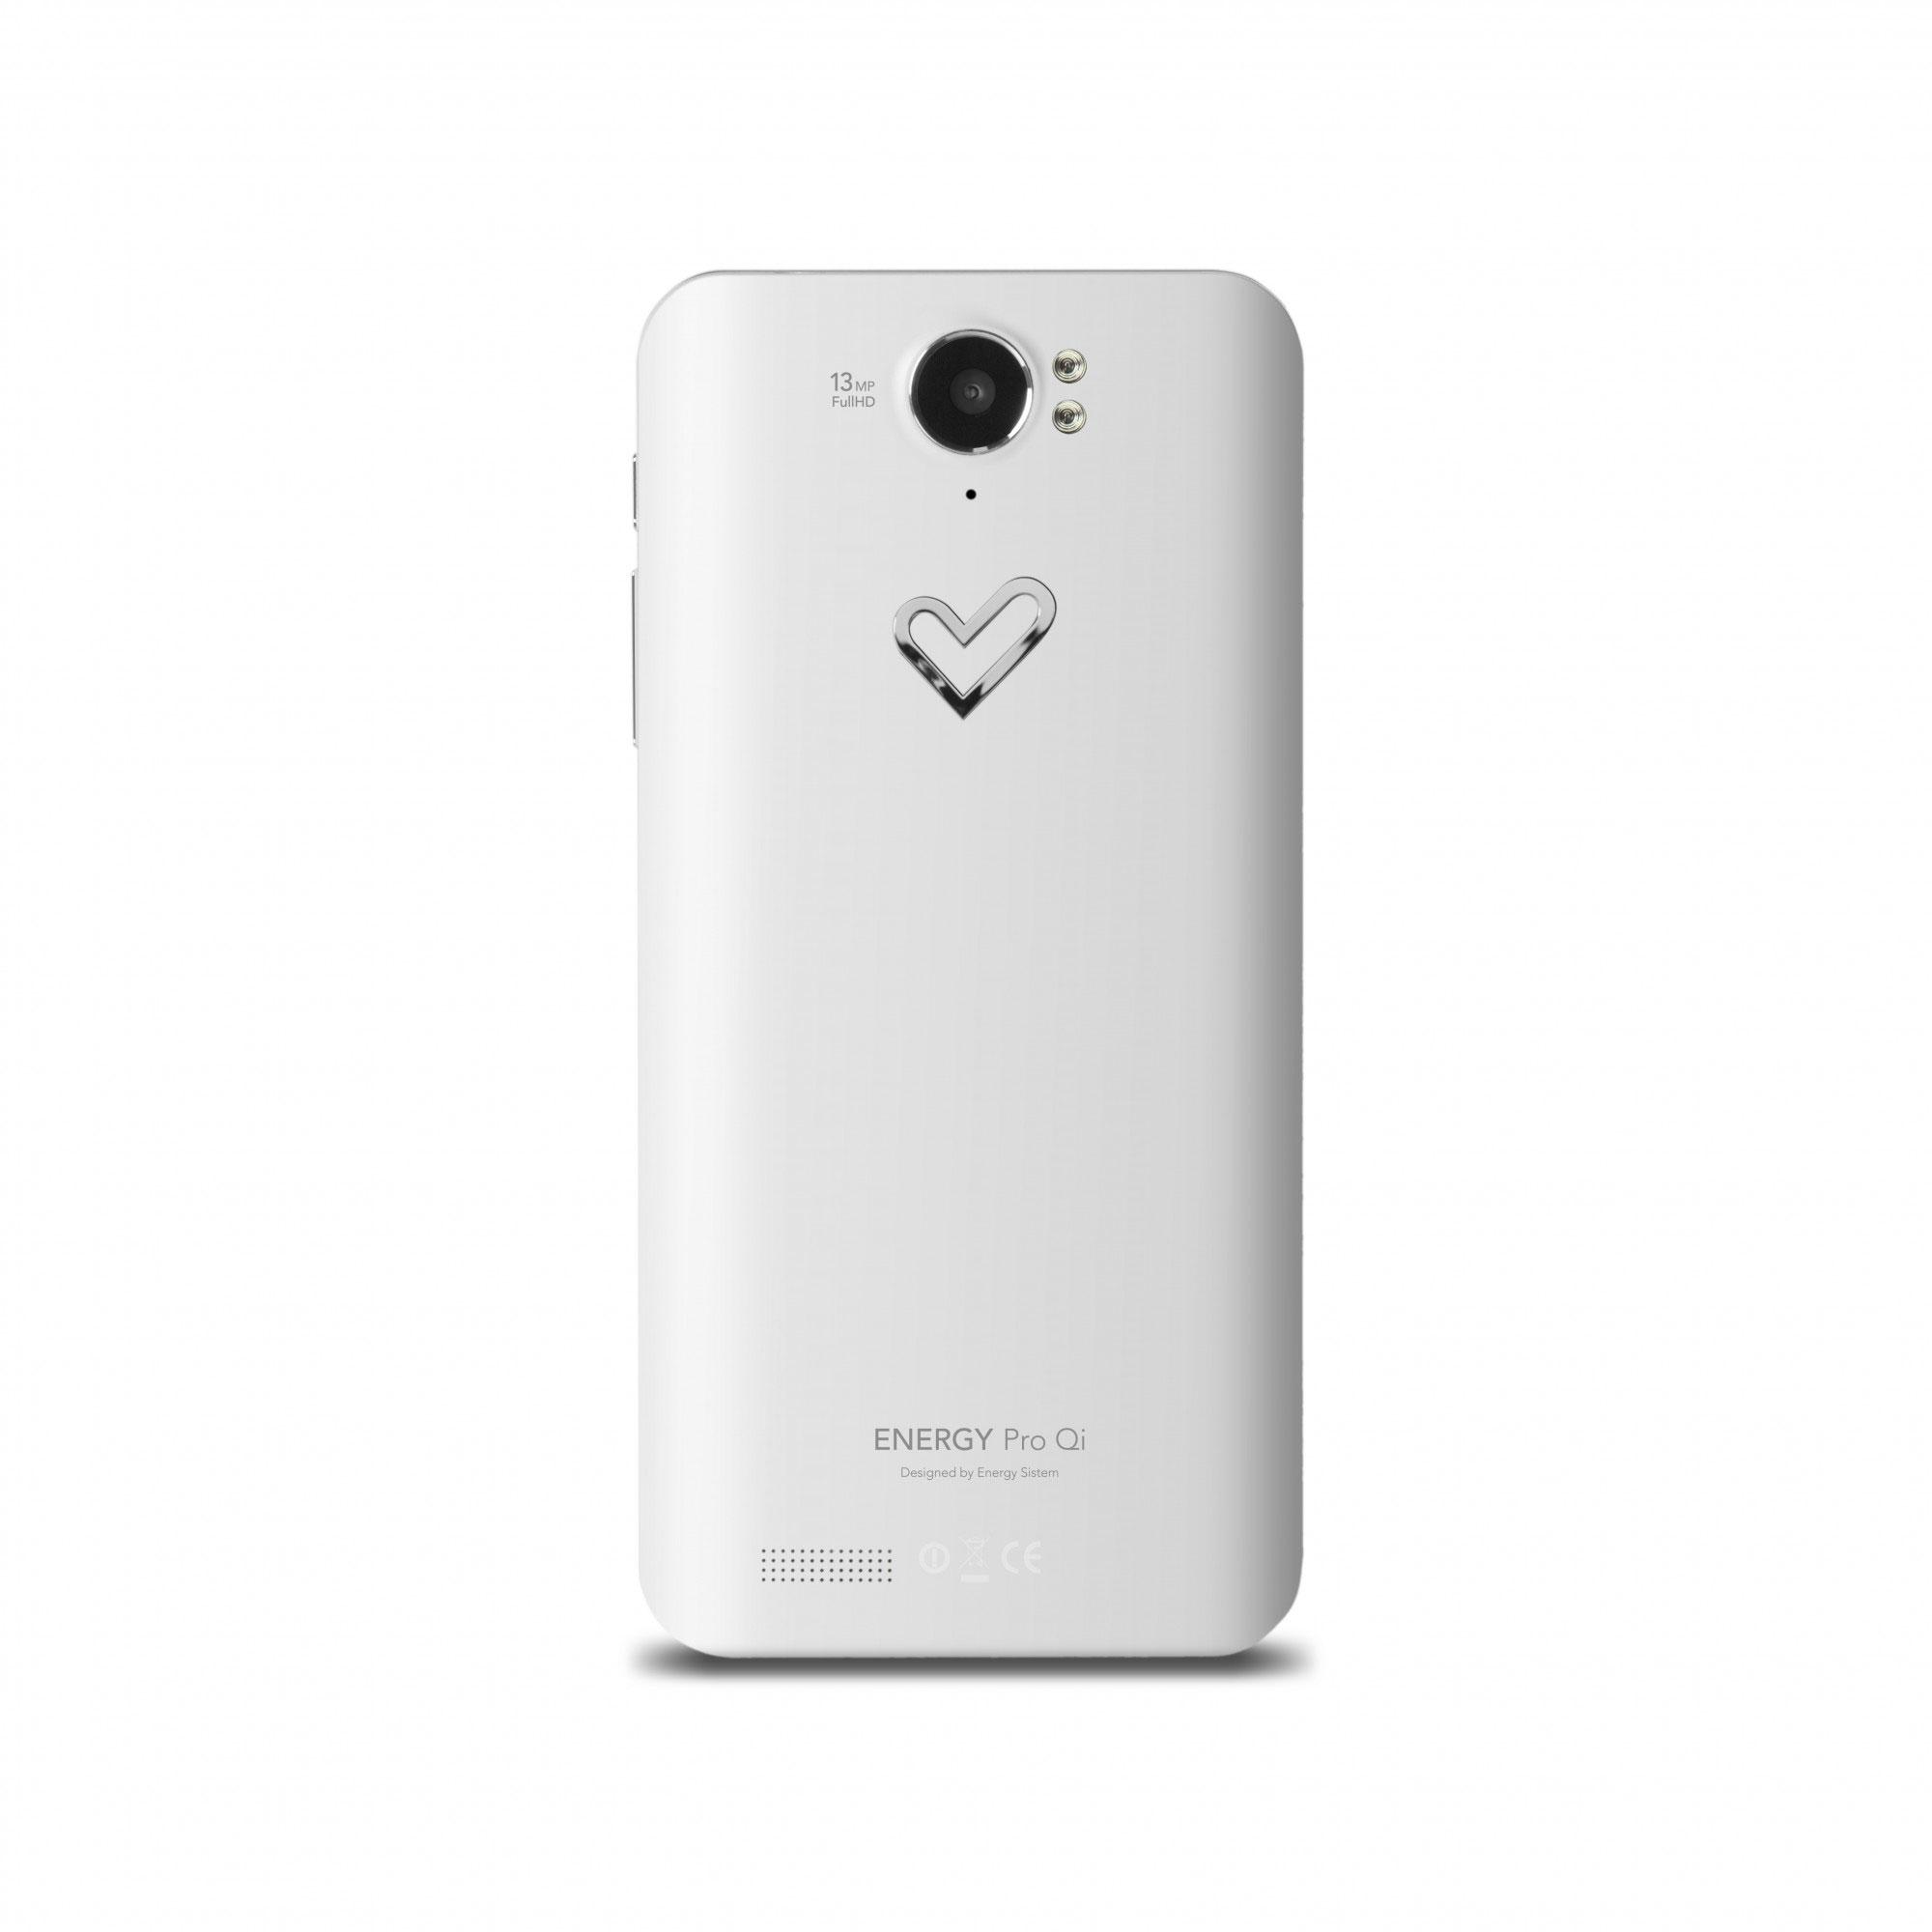 Energy Phone Pro Qi blanco vista trasera de la cámara digital